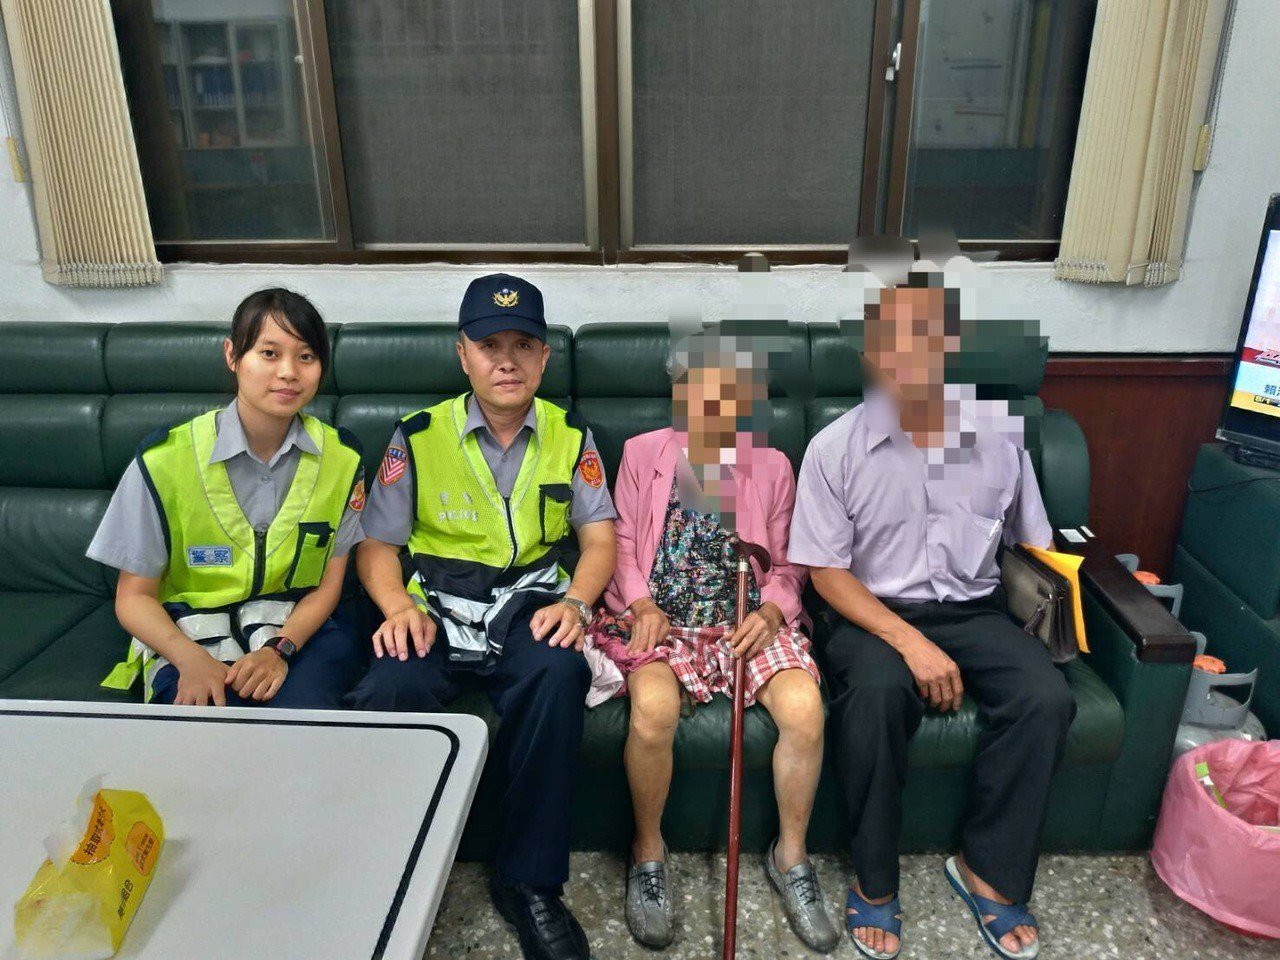 84歲李姓婦人昨晚誤闖國道,竹林分隊小隊長蕭時暐見狀,立即將阿婆以「公主抱」姿勢...